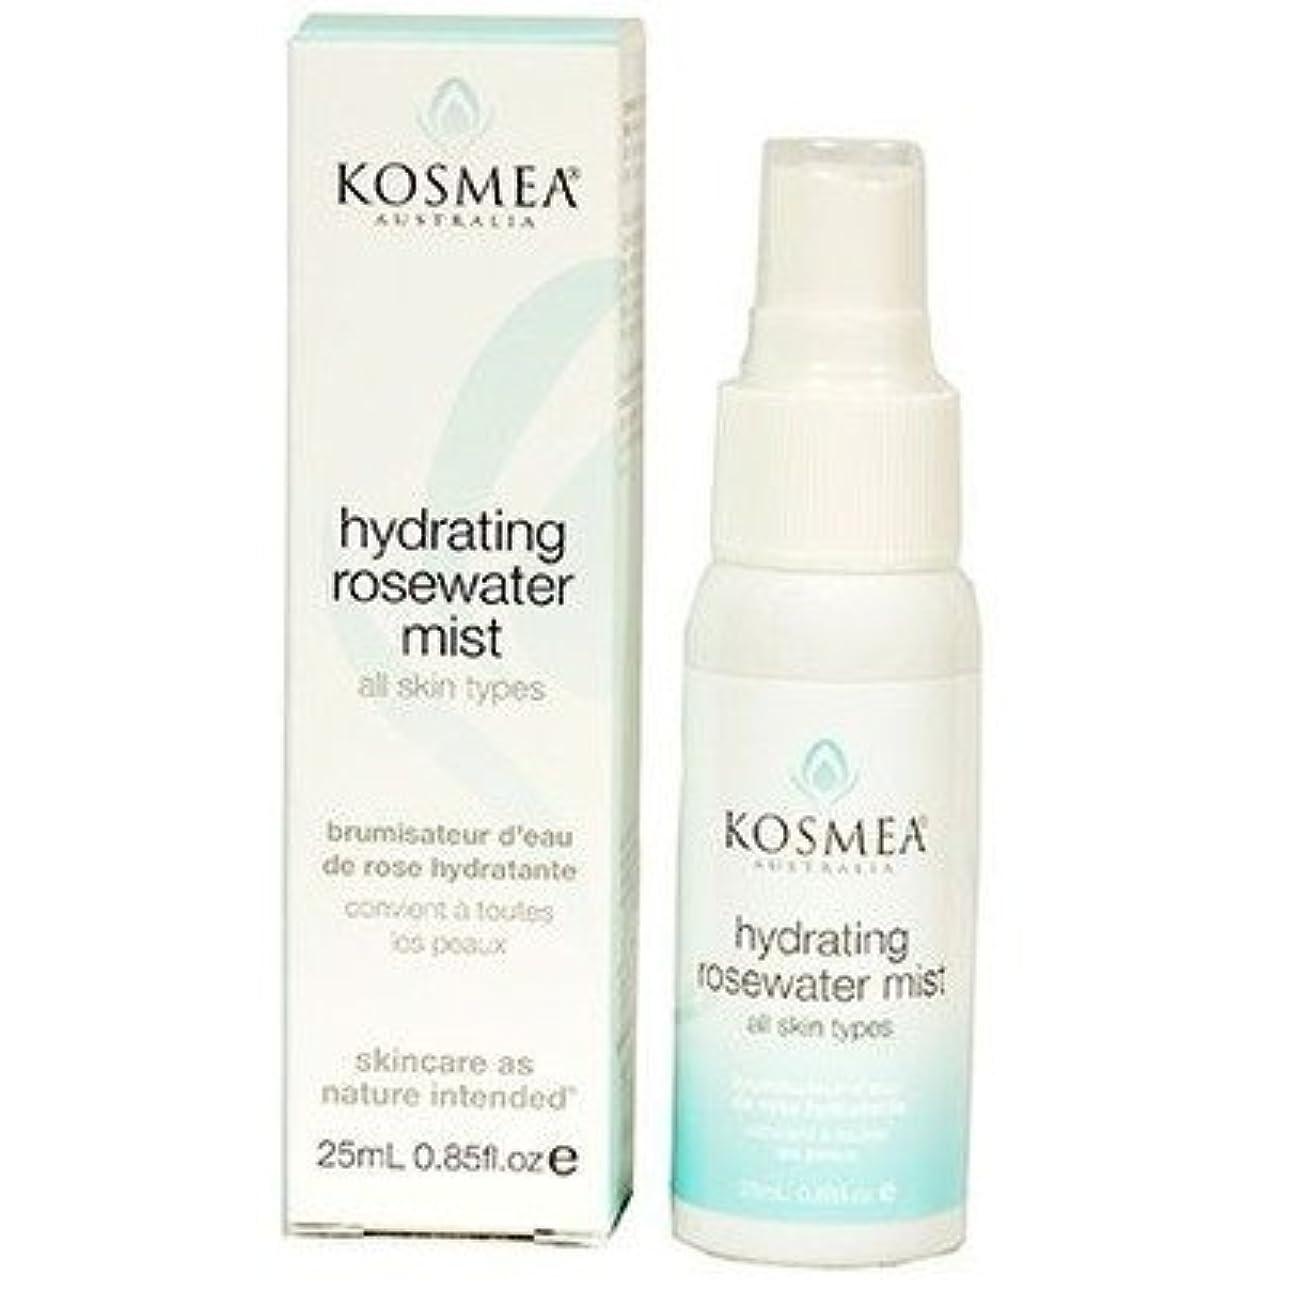 成分行政ほこりっぽい[KOSMEA] Hydrating Rosewater Mist 25ml コスメア ハイドレイティング ローズウォーターミスト 25ml【並行輸入品】【海外直送品】